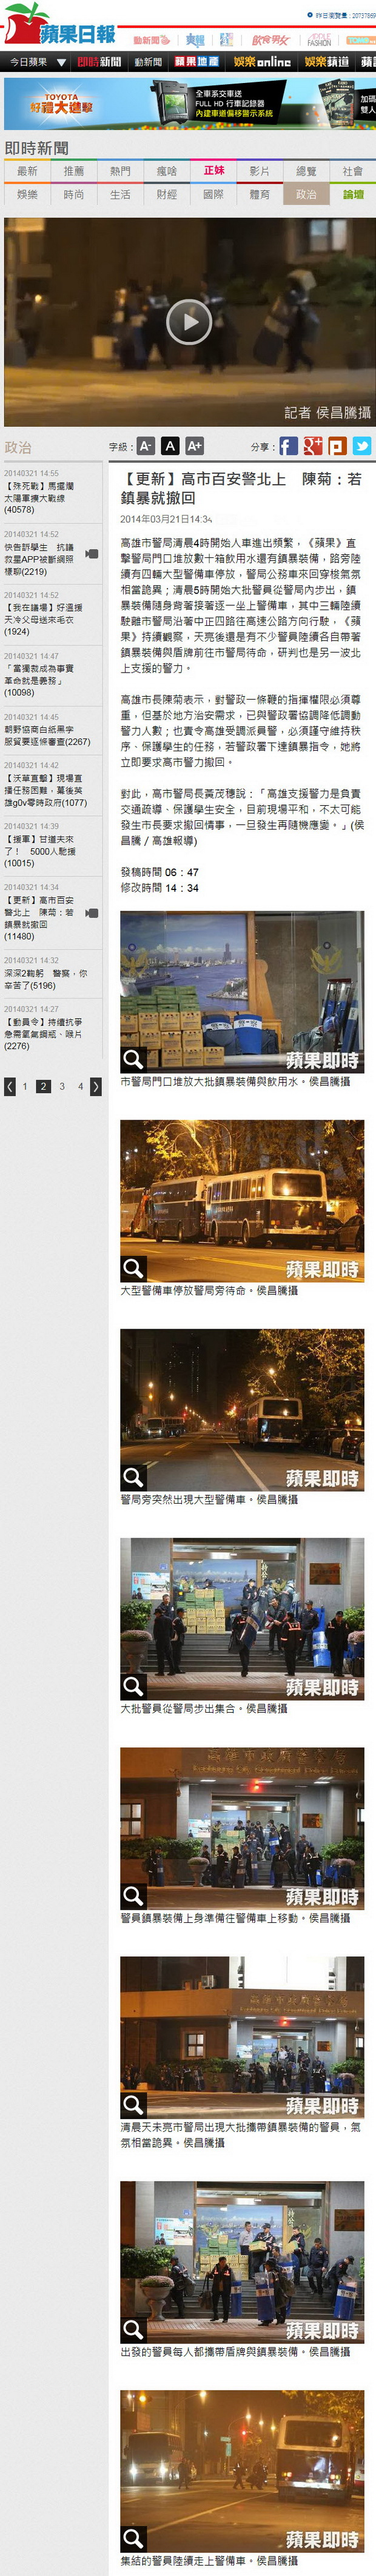 【更新】高市百安警北上陳菊:若鎮暴就撤回-2014.03.21.jpg